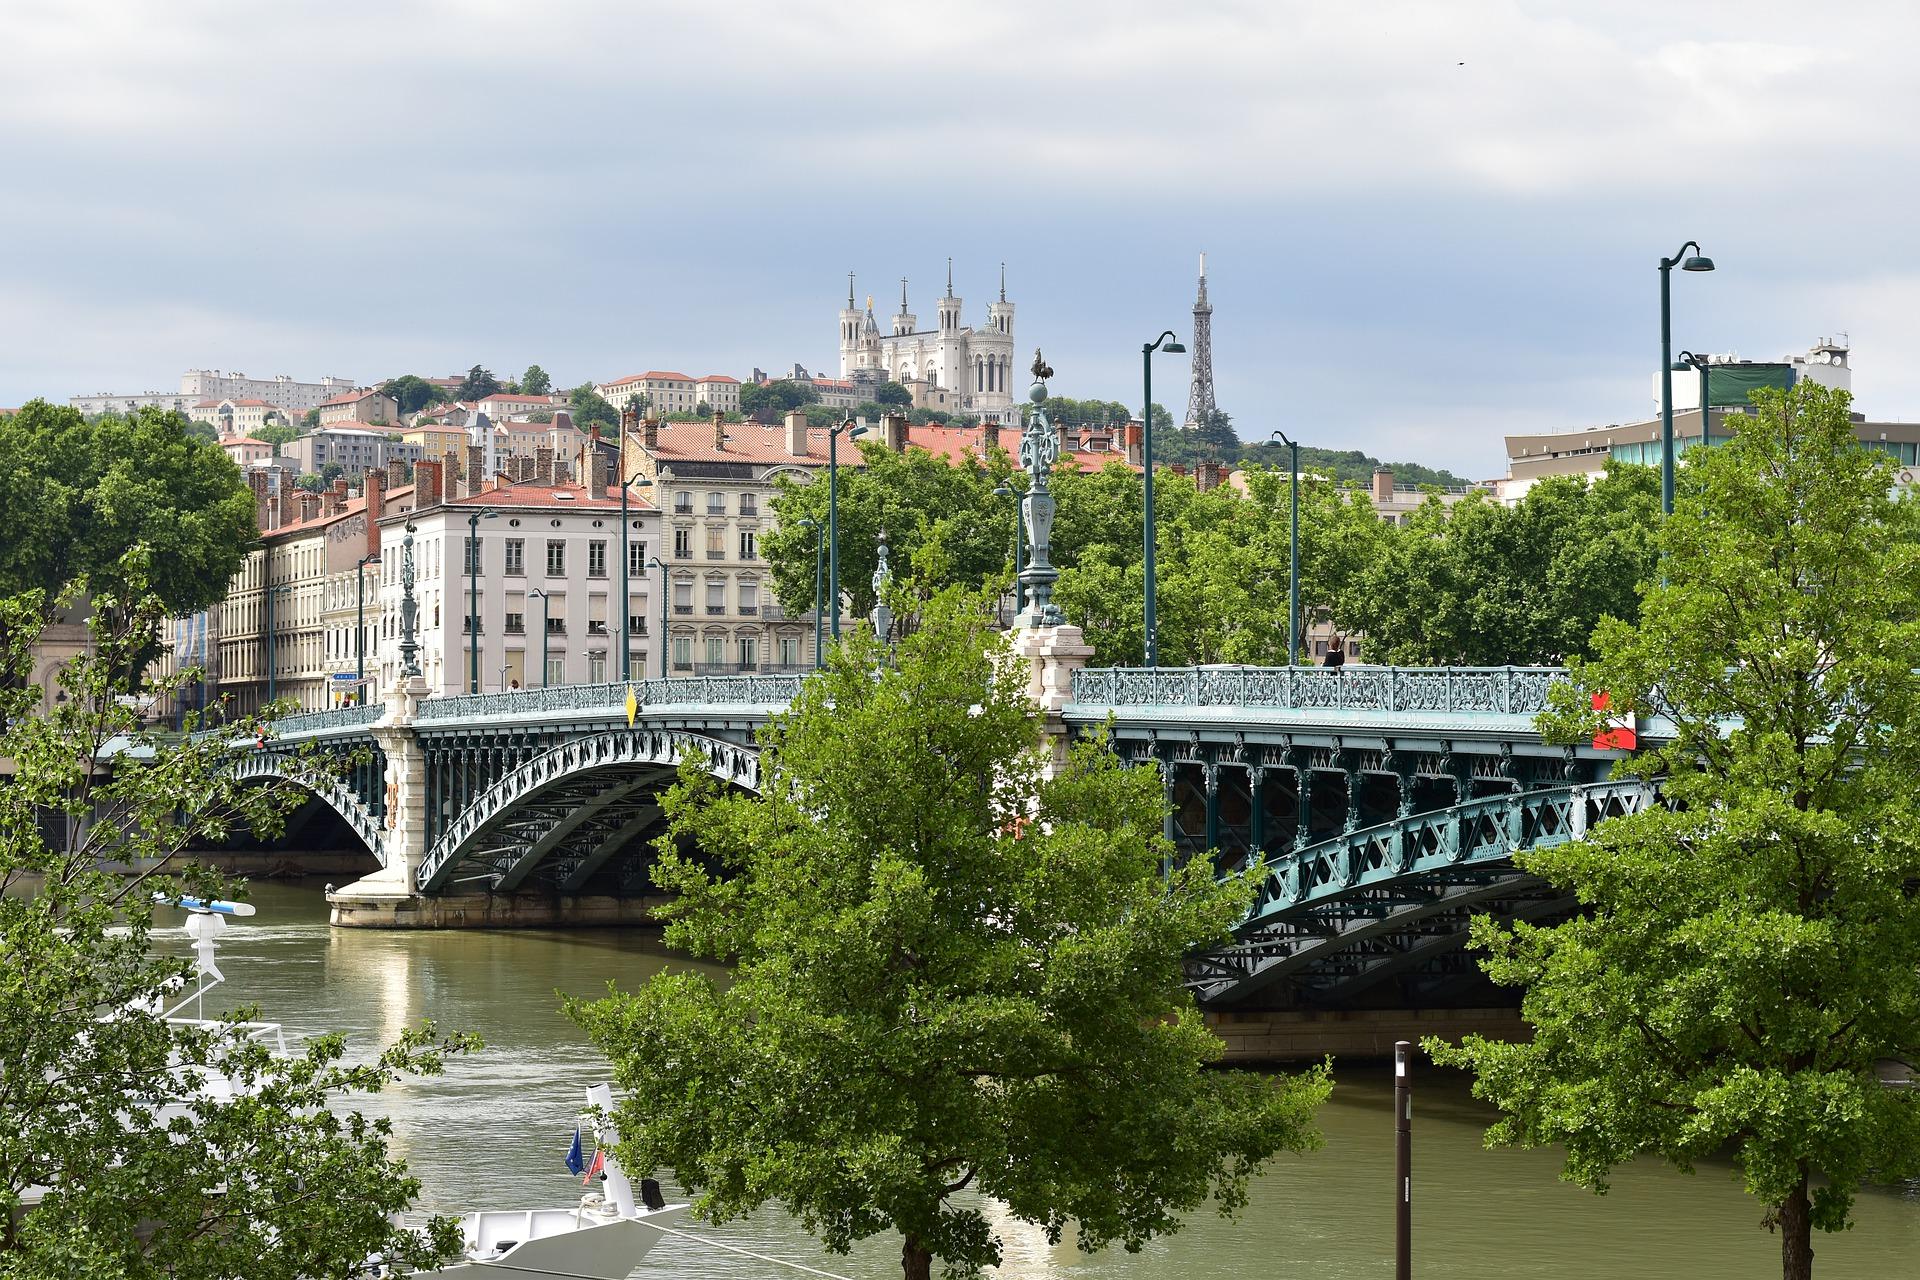 immobilier lyon la fièvre immobilière s'entend au Rhône